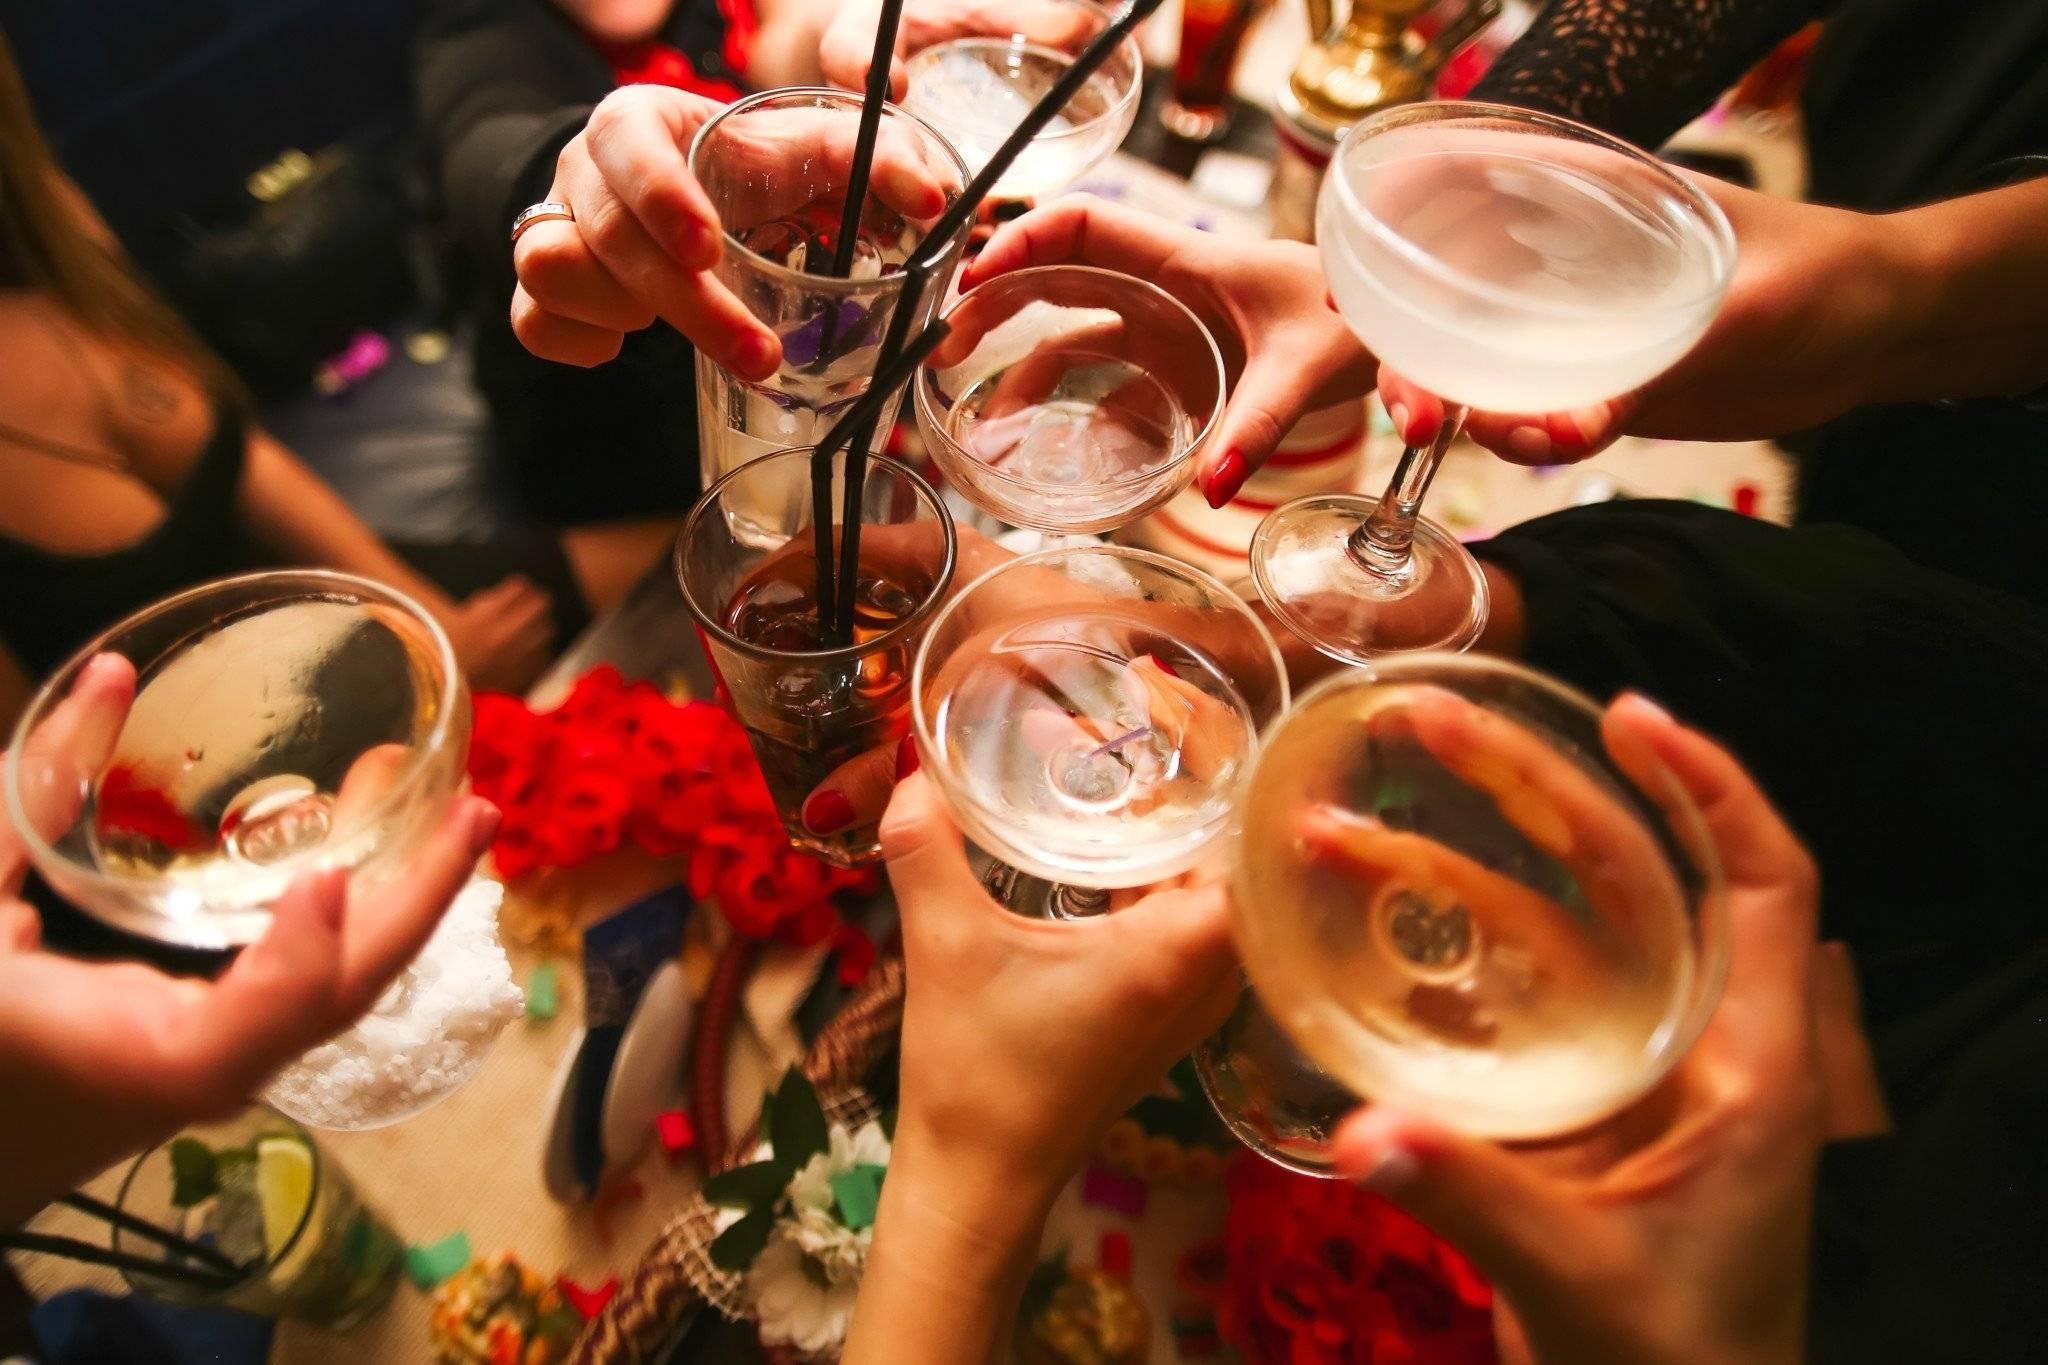 Алкоголь — чтобы утром не было мучительно больно